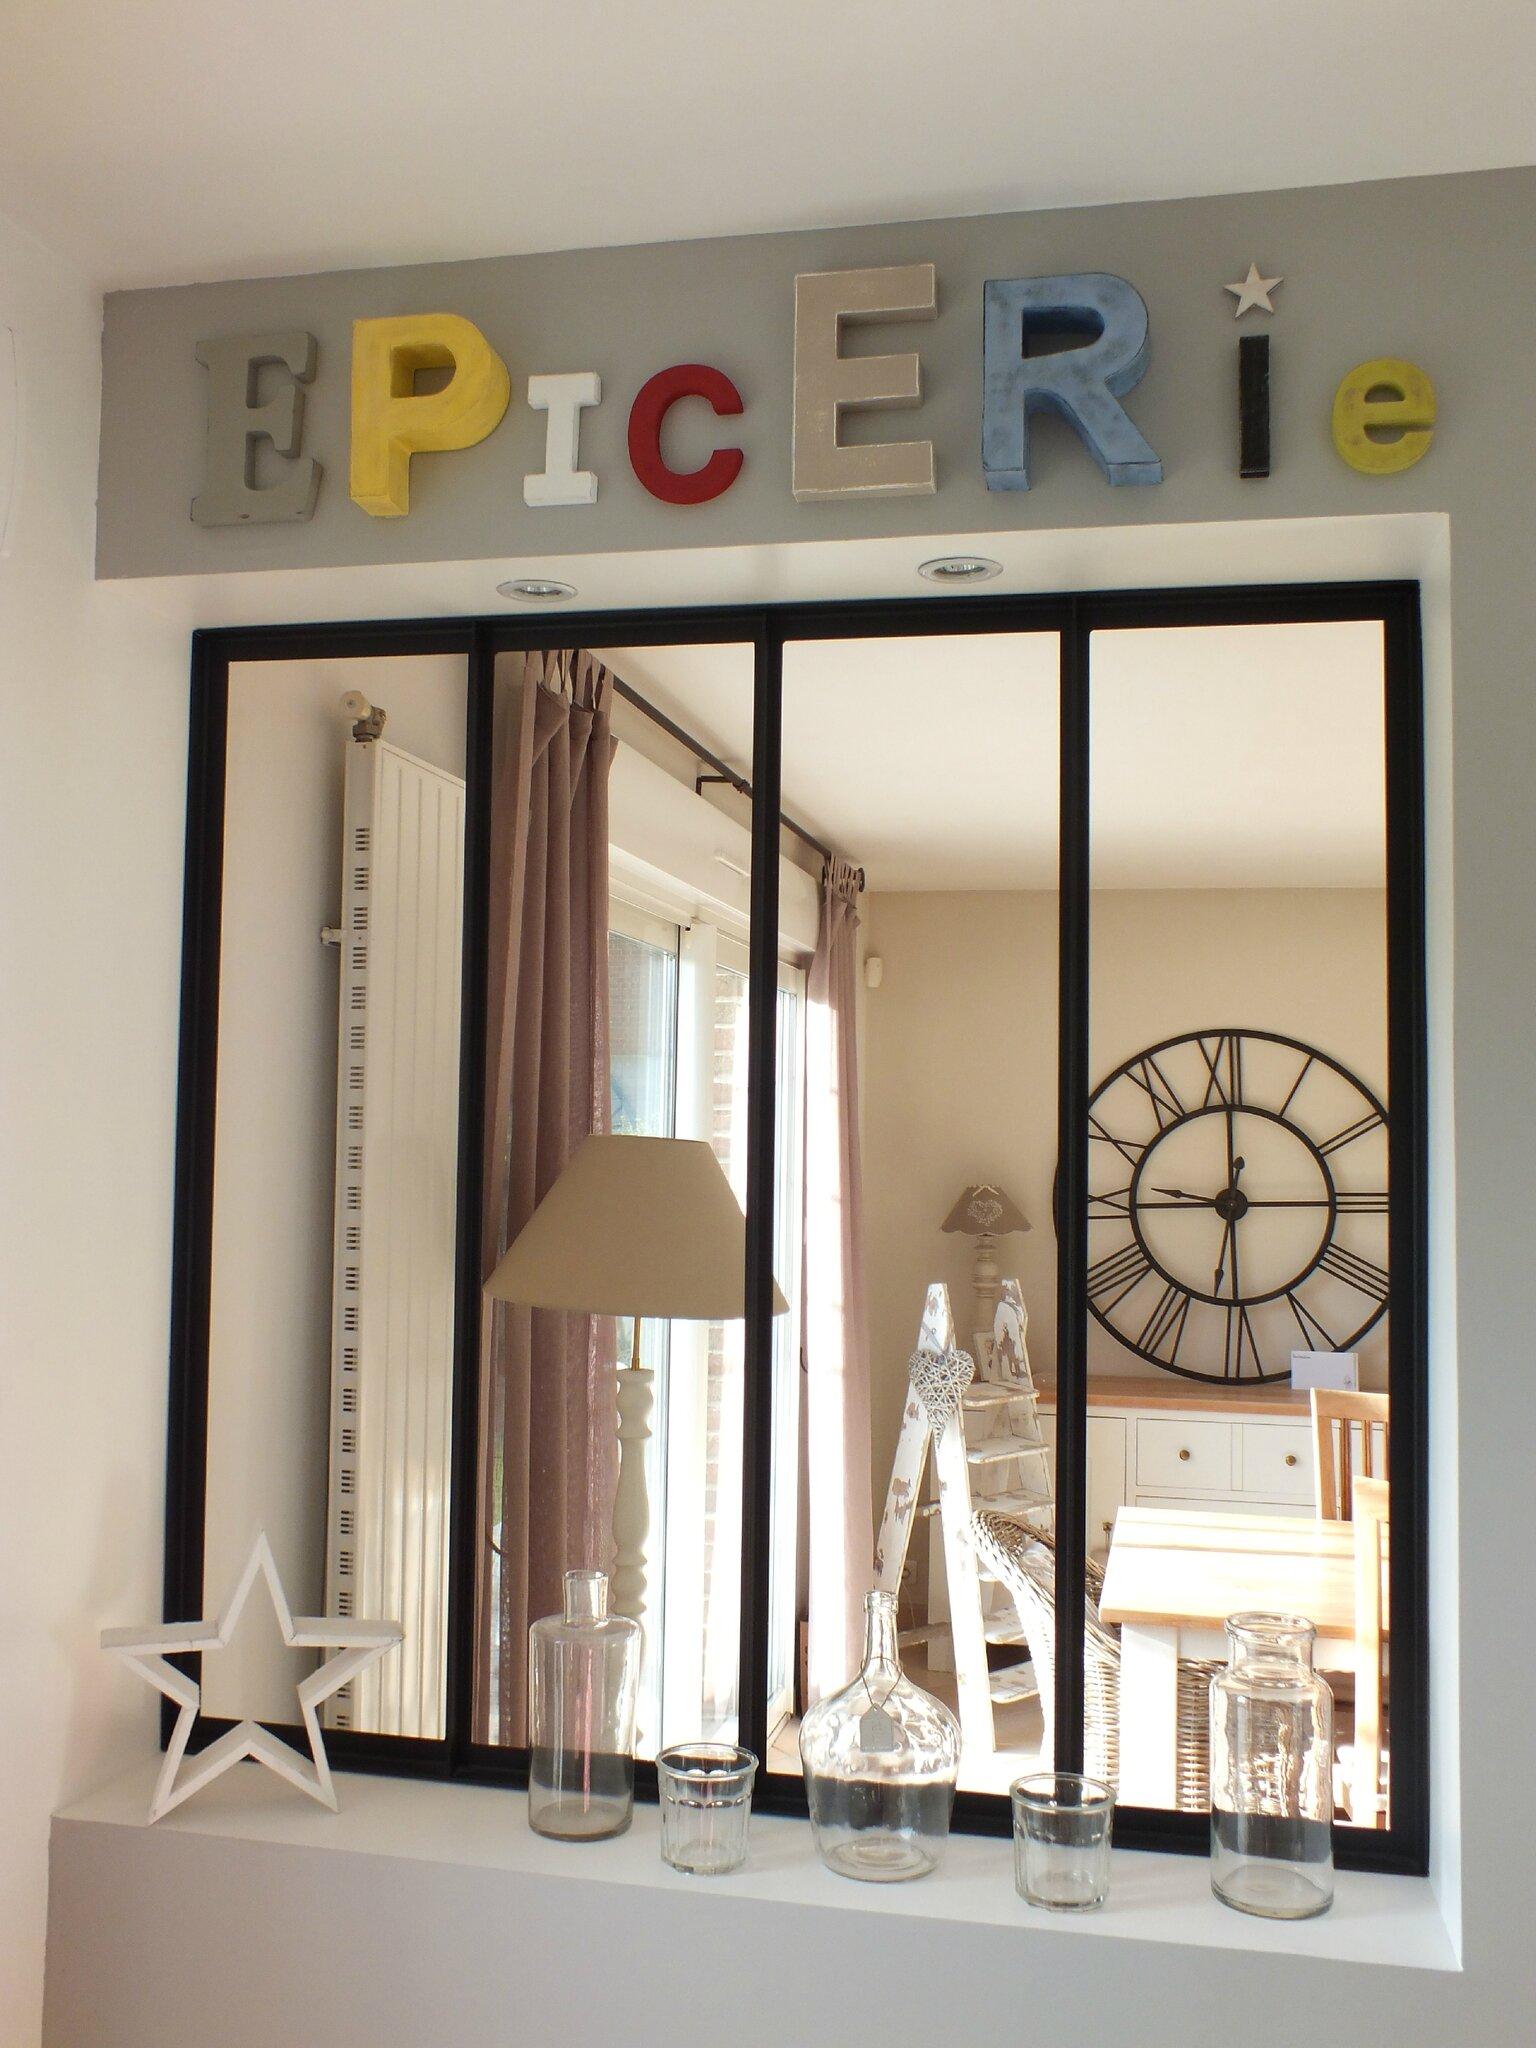 avec des lettres broc et patine le grenier de sara. Black Bedroom Furniture Sets. Home Design Ideas